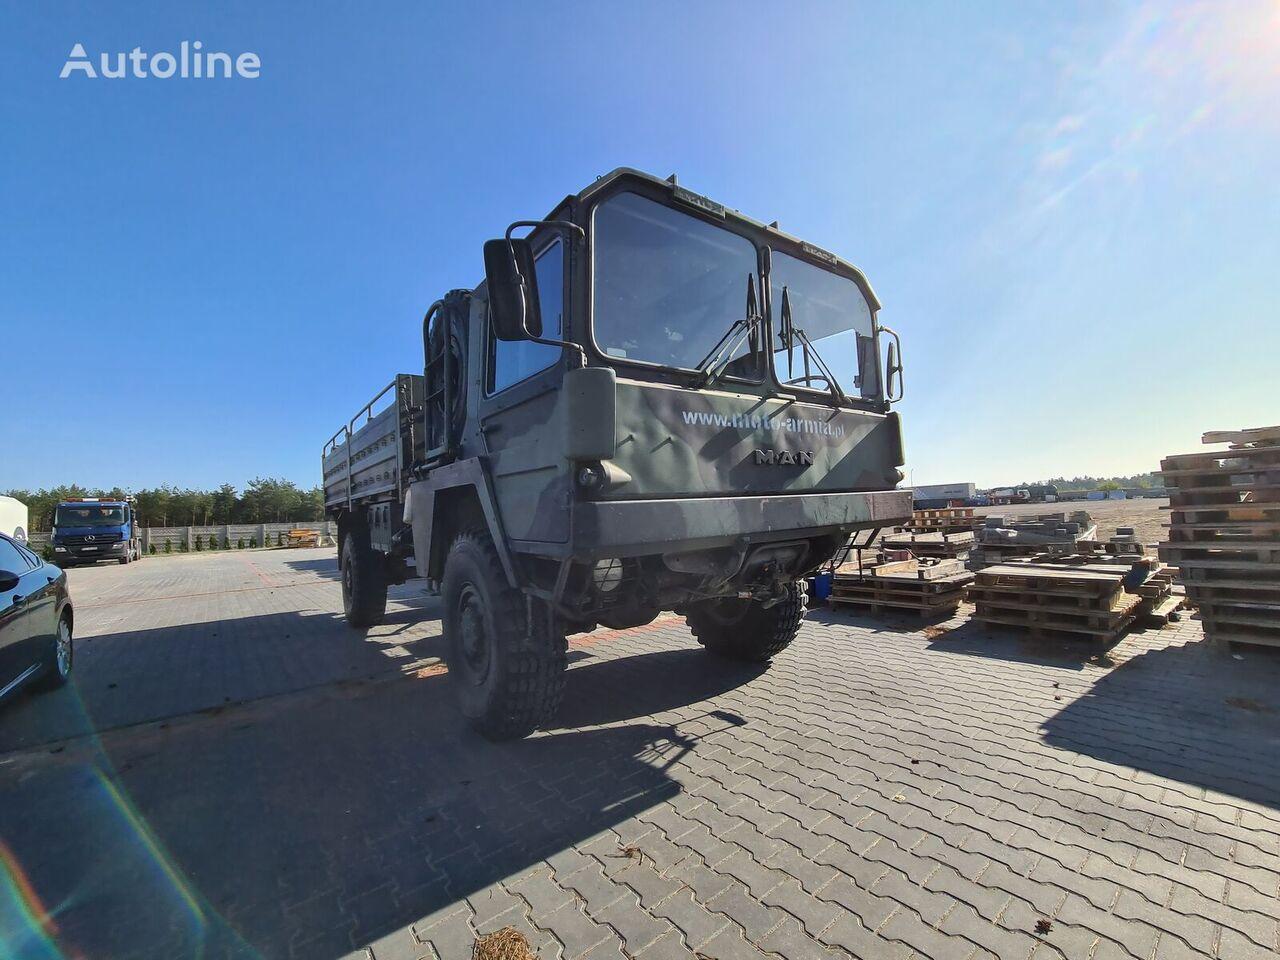 MAN 5t MIL GL WOJSKOWY TERENOWY military truck